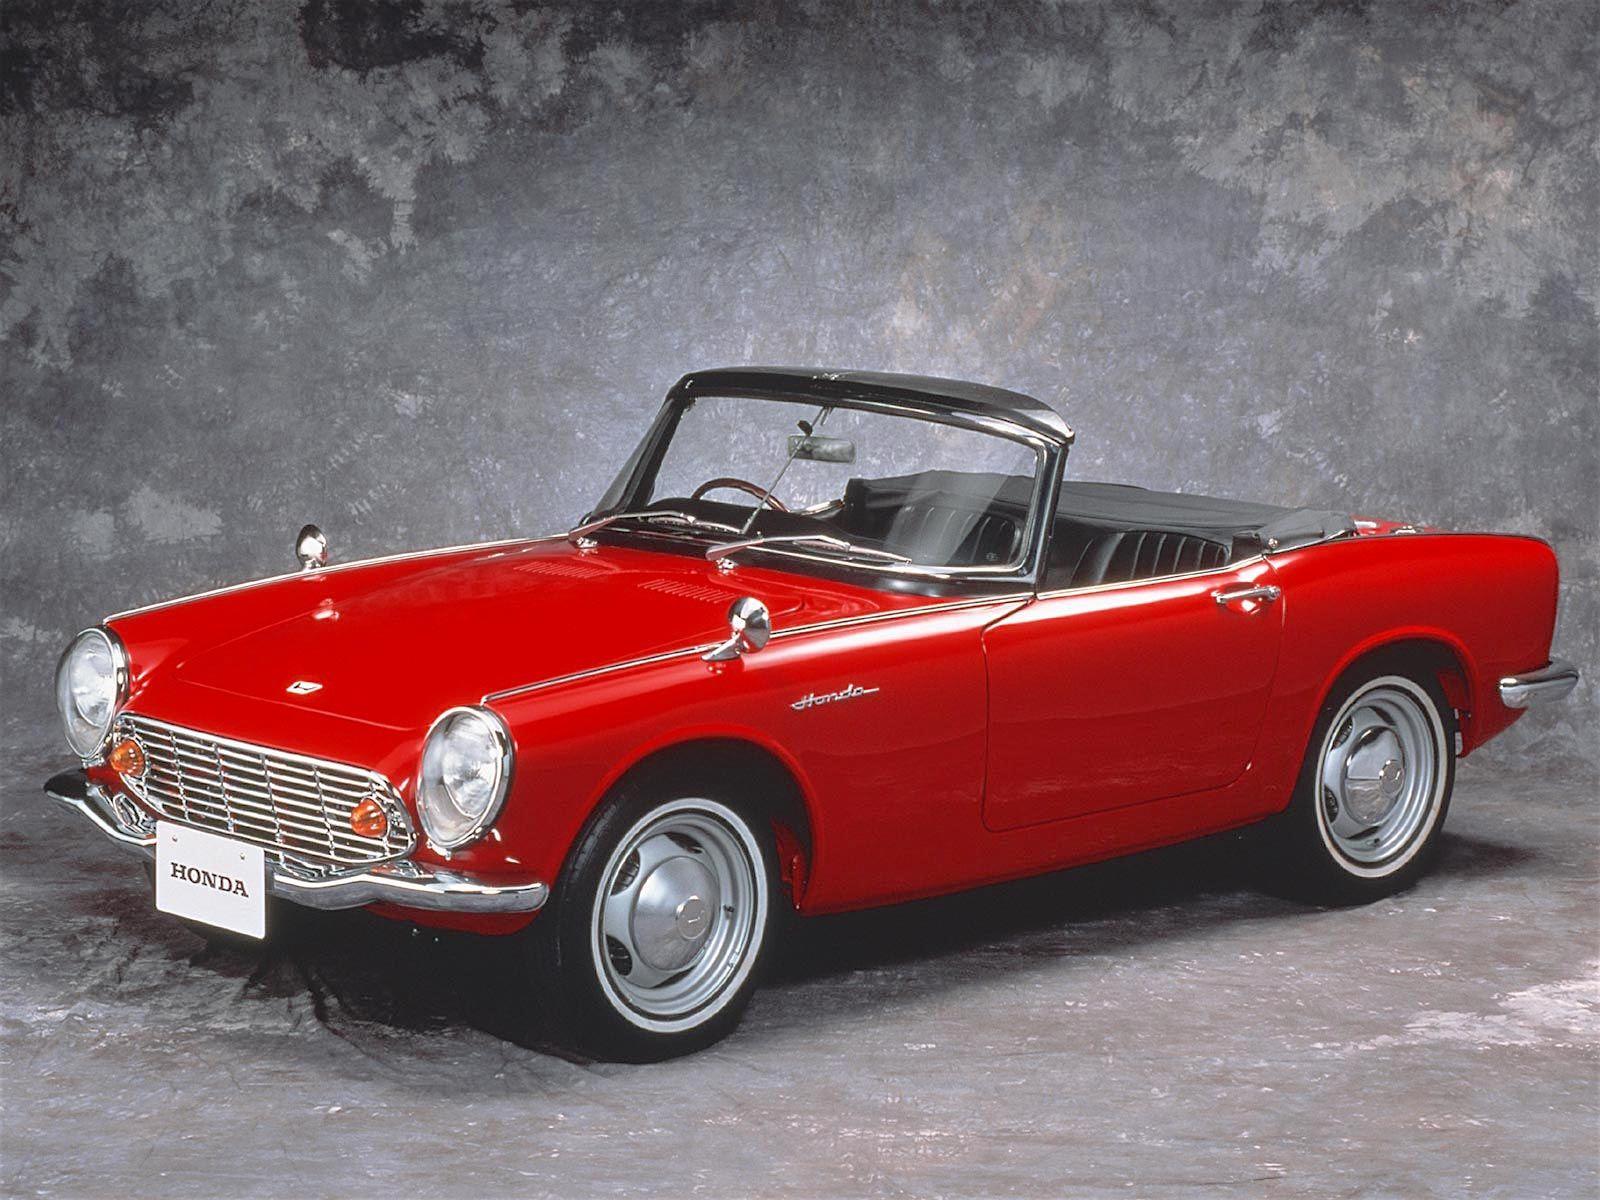 Genial 1964 Honda S600